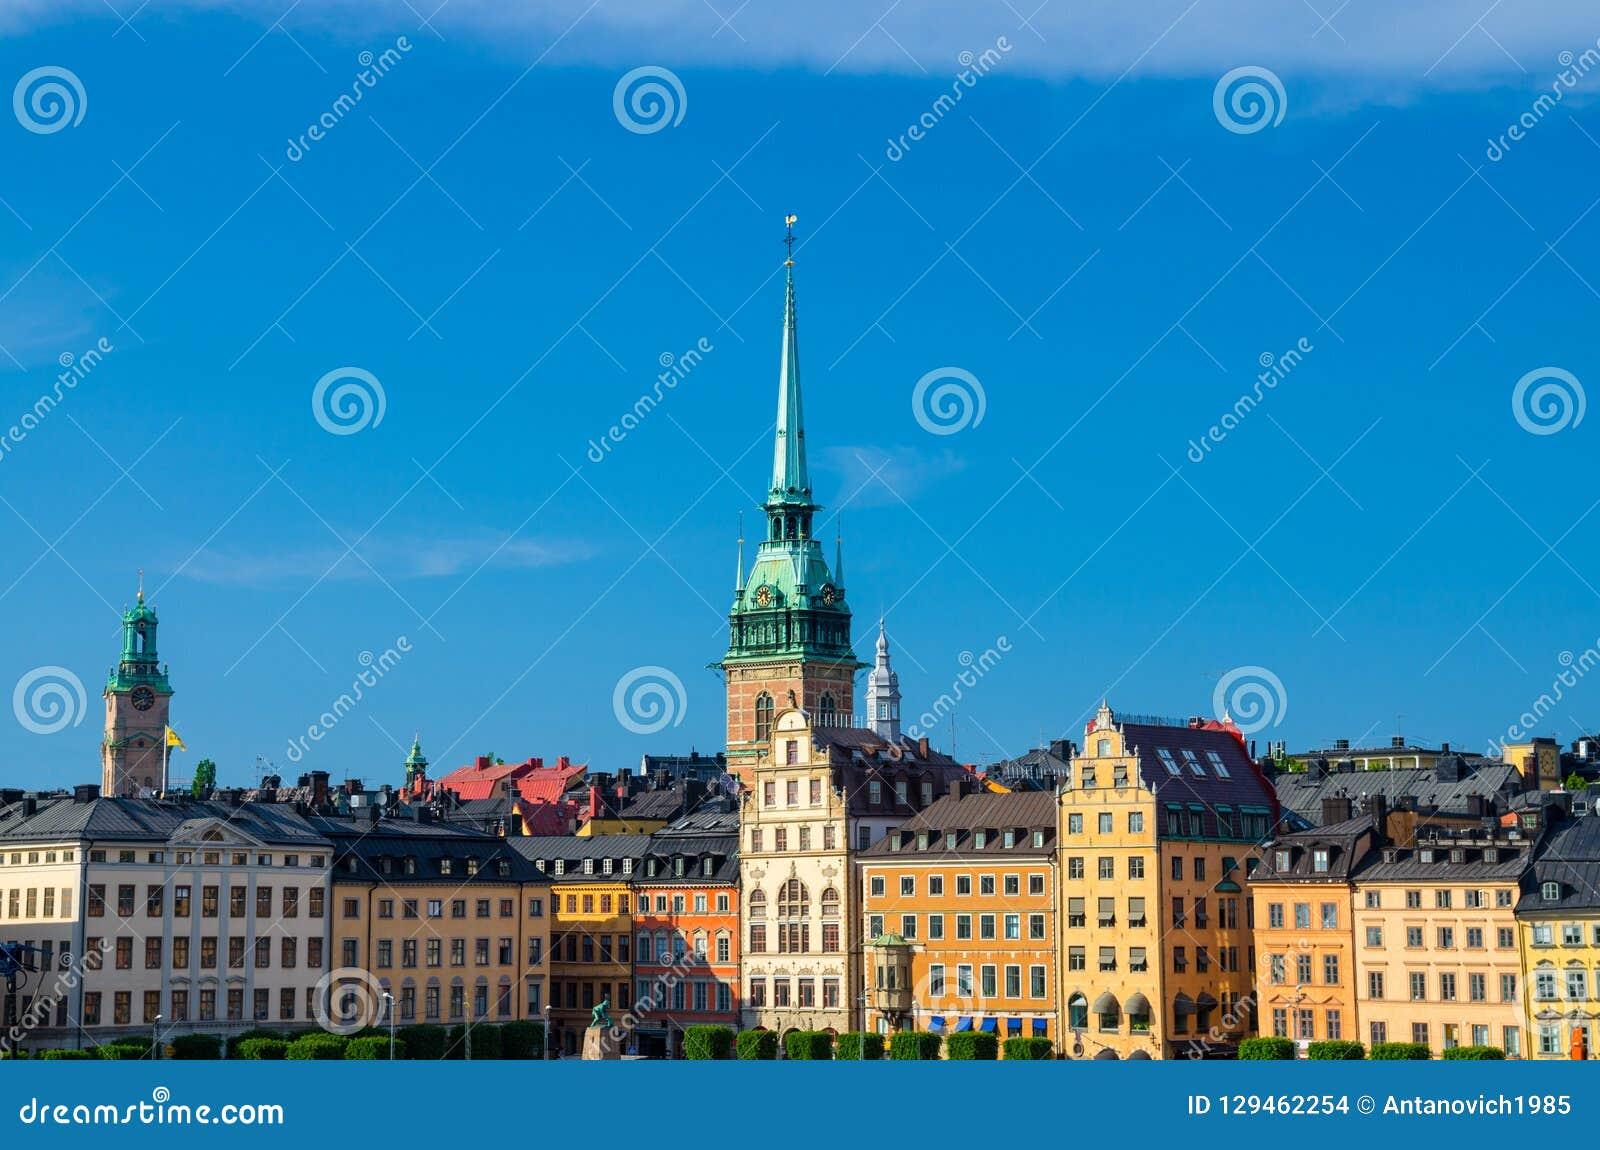 Παραδοσιακά κτήρια με τις στέγες και τους ζωηρόχρωμους τοίχους, Στοκχόλμη,